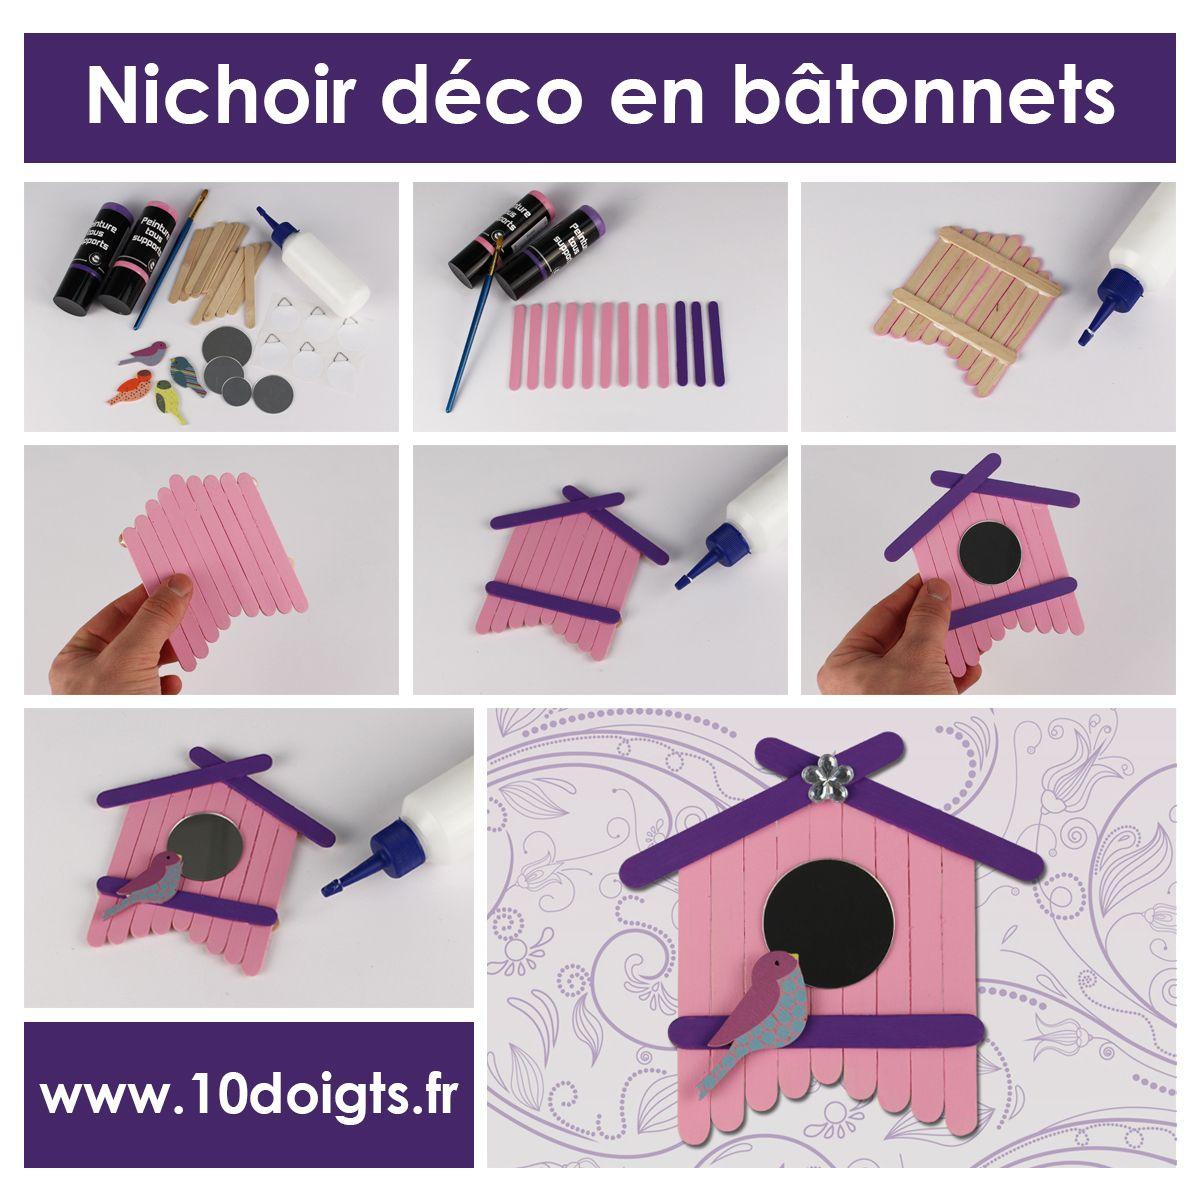 nichoir d co avec b tonnets en bois activit s enfantines bricolages pour enfants pinterest. Black Bedroom Furniture Sets. Home Design Ideas